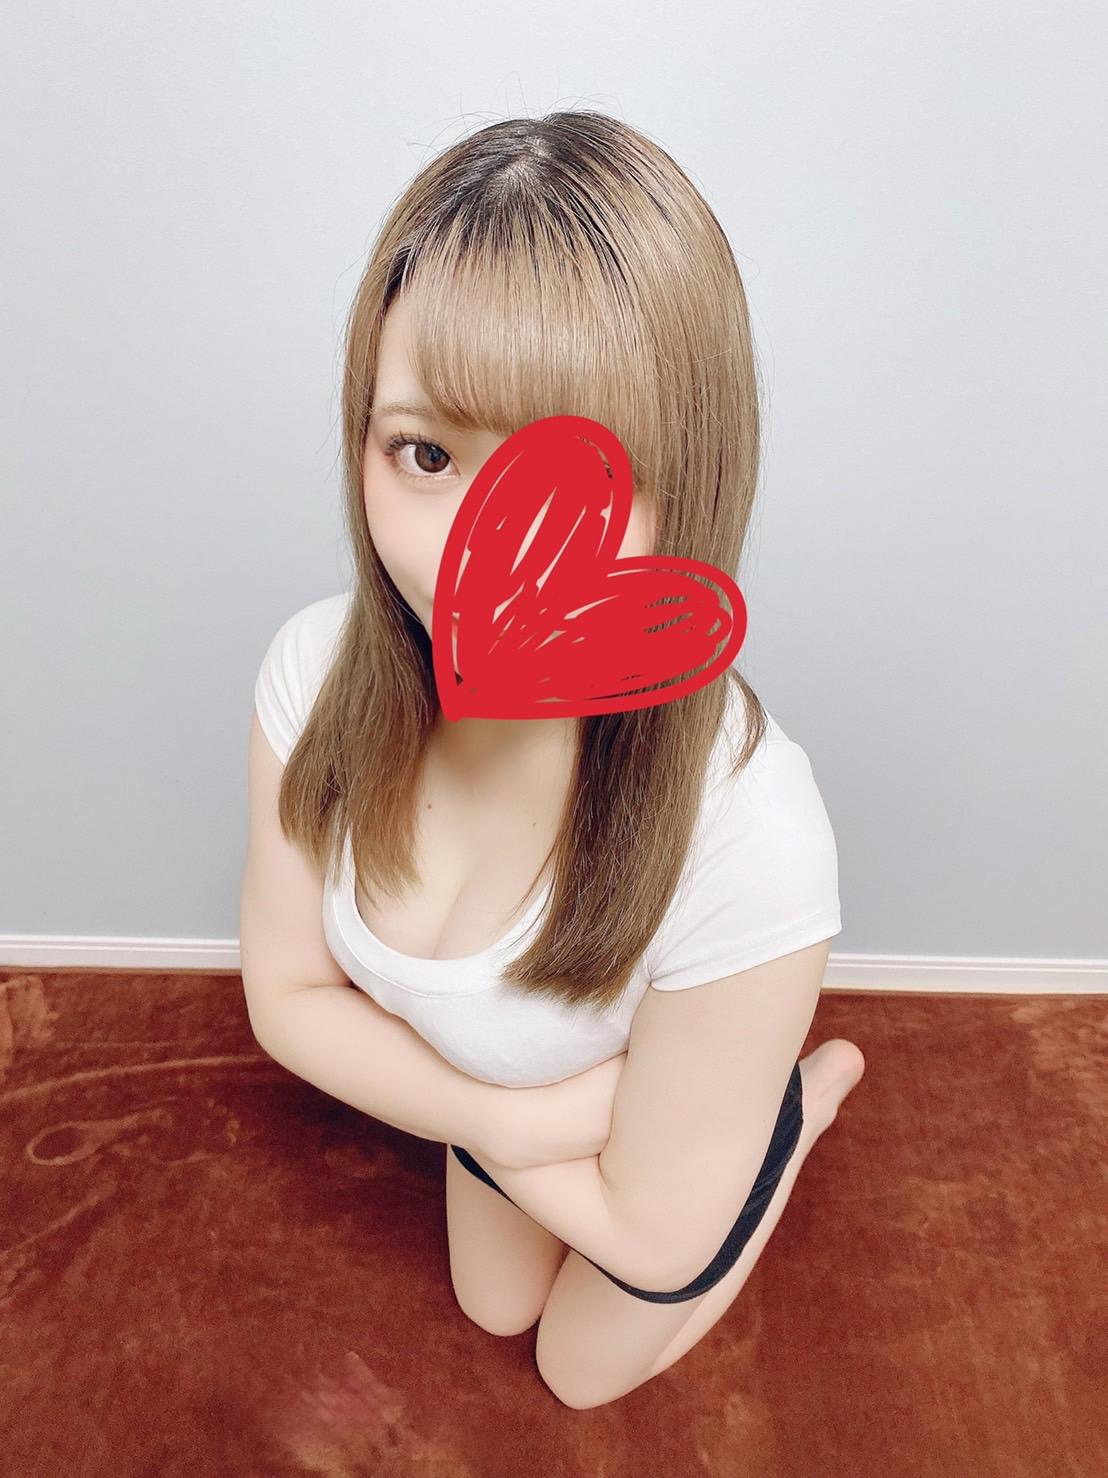 桜咲くるみ 写真 3